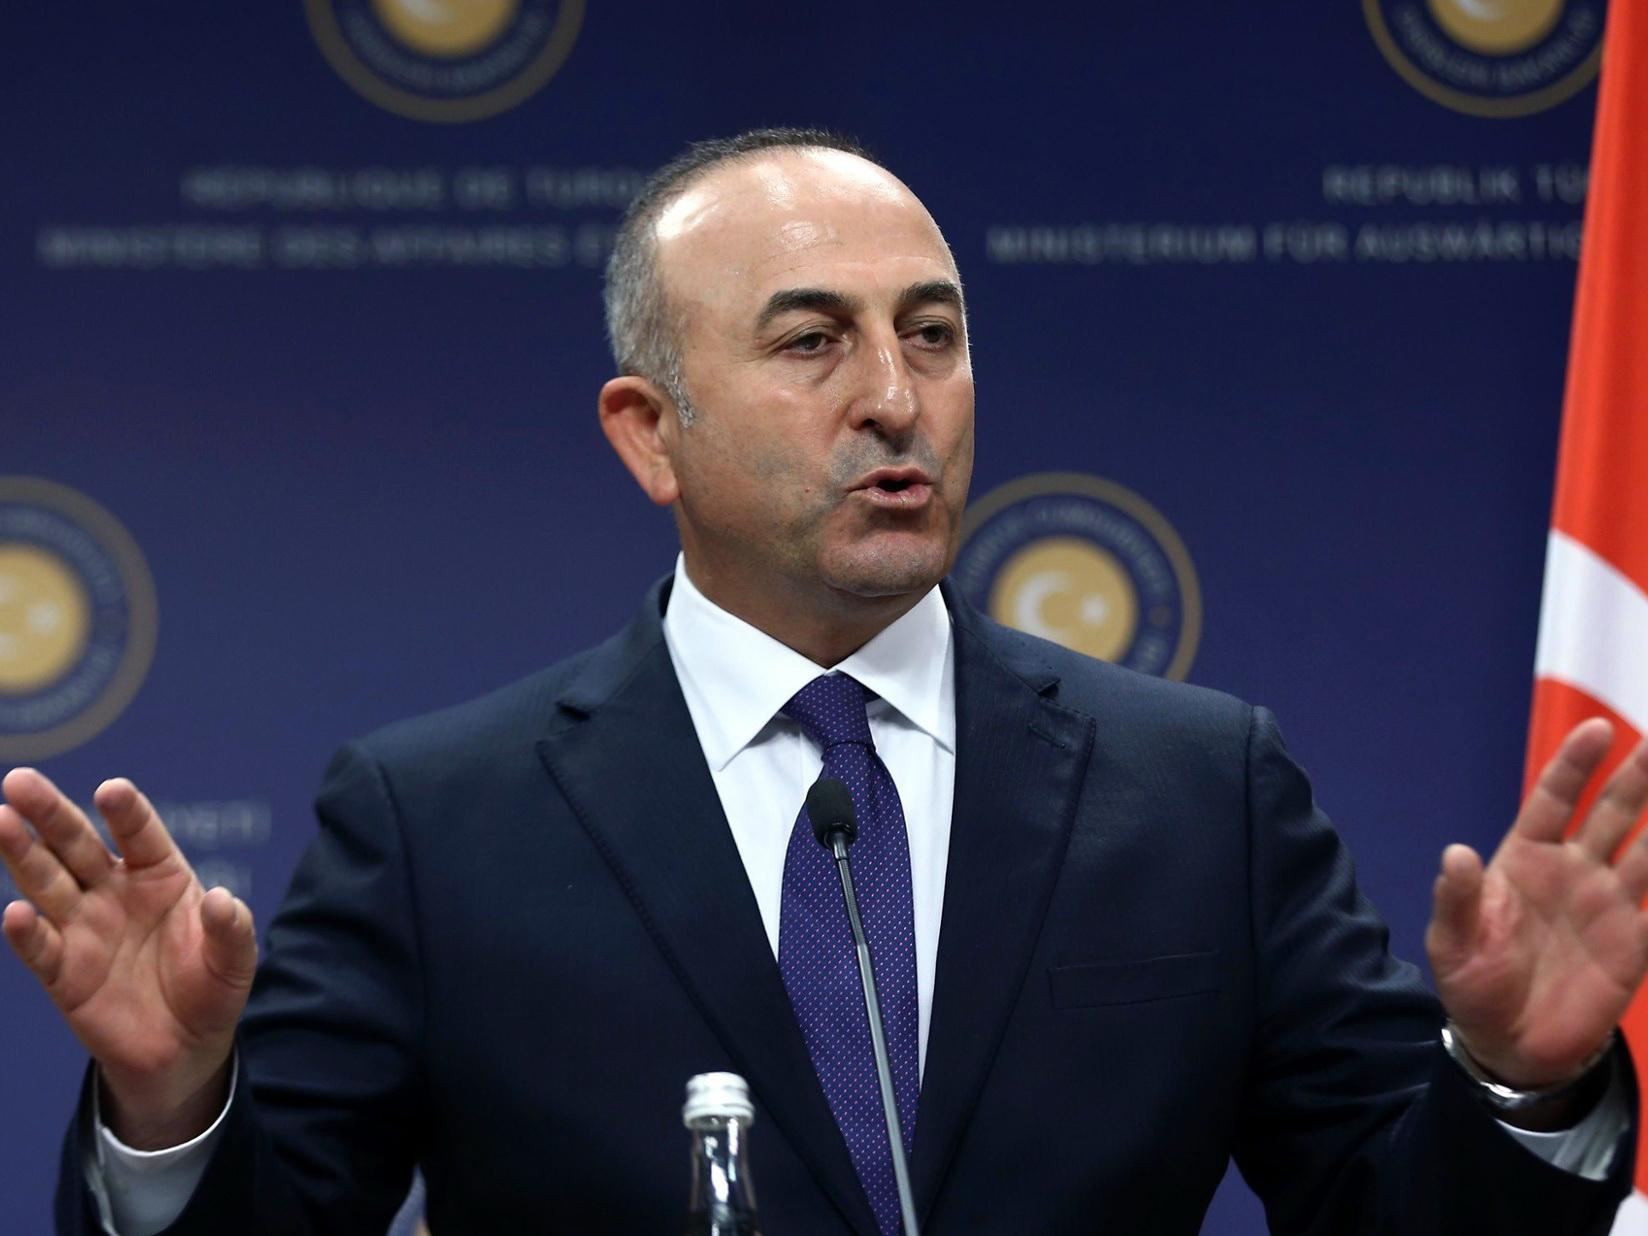 Турция находится ввопросе Нагорного Карабаха рядом сАзербайджаном— Чавушоглу